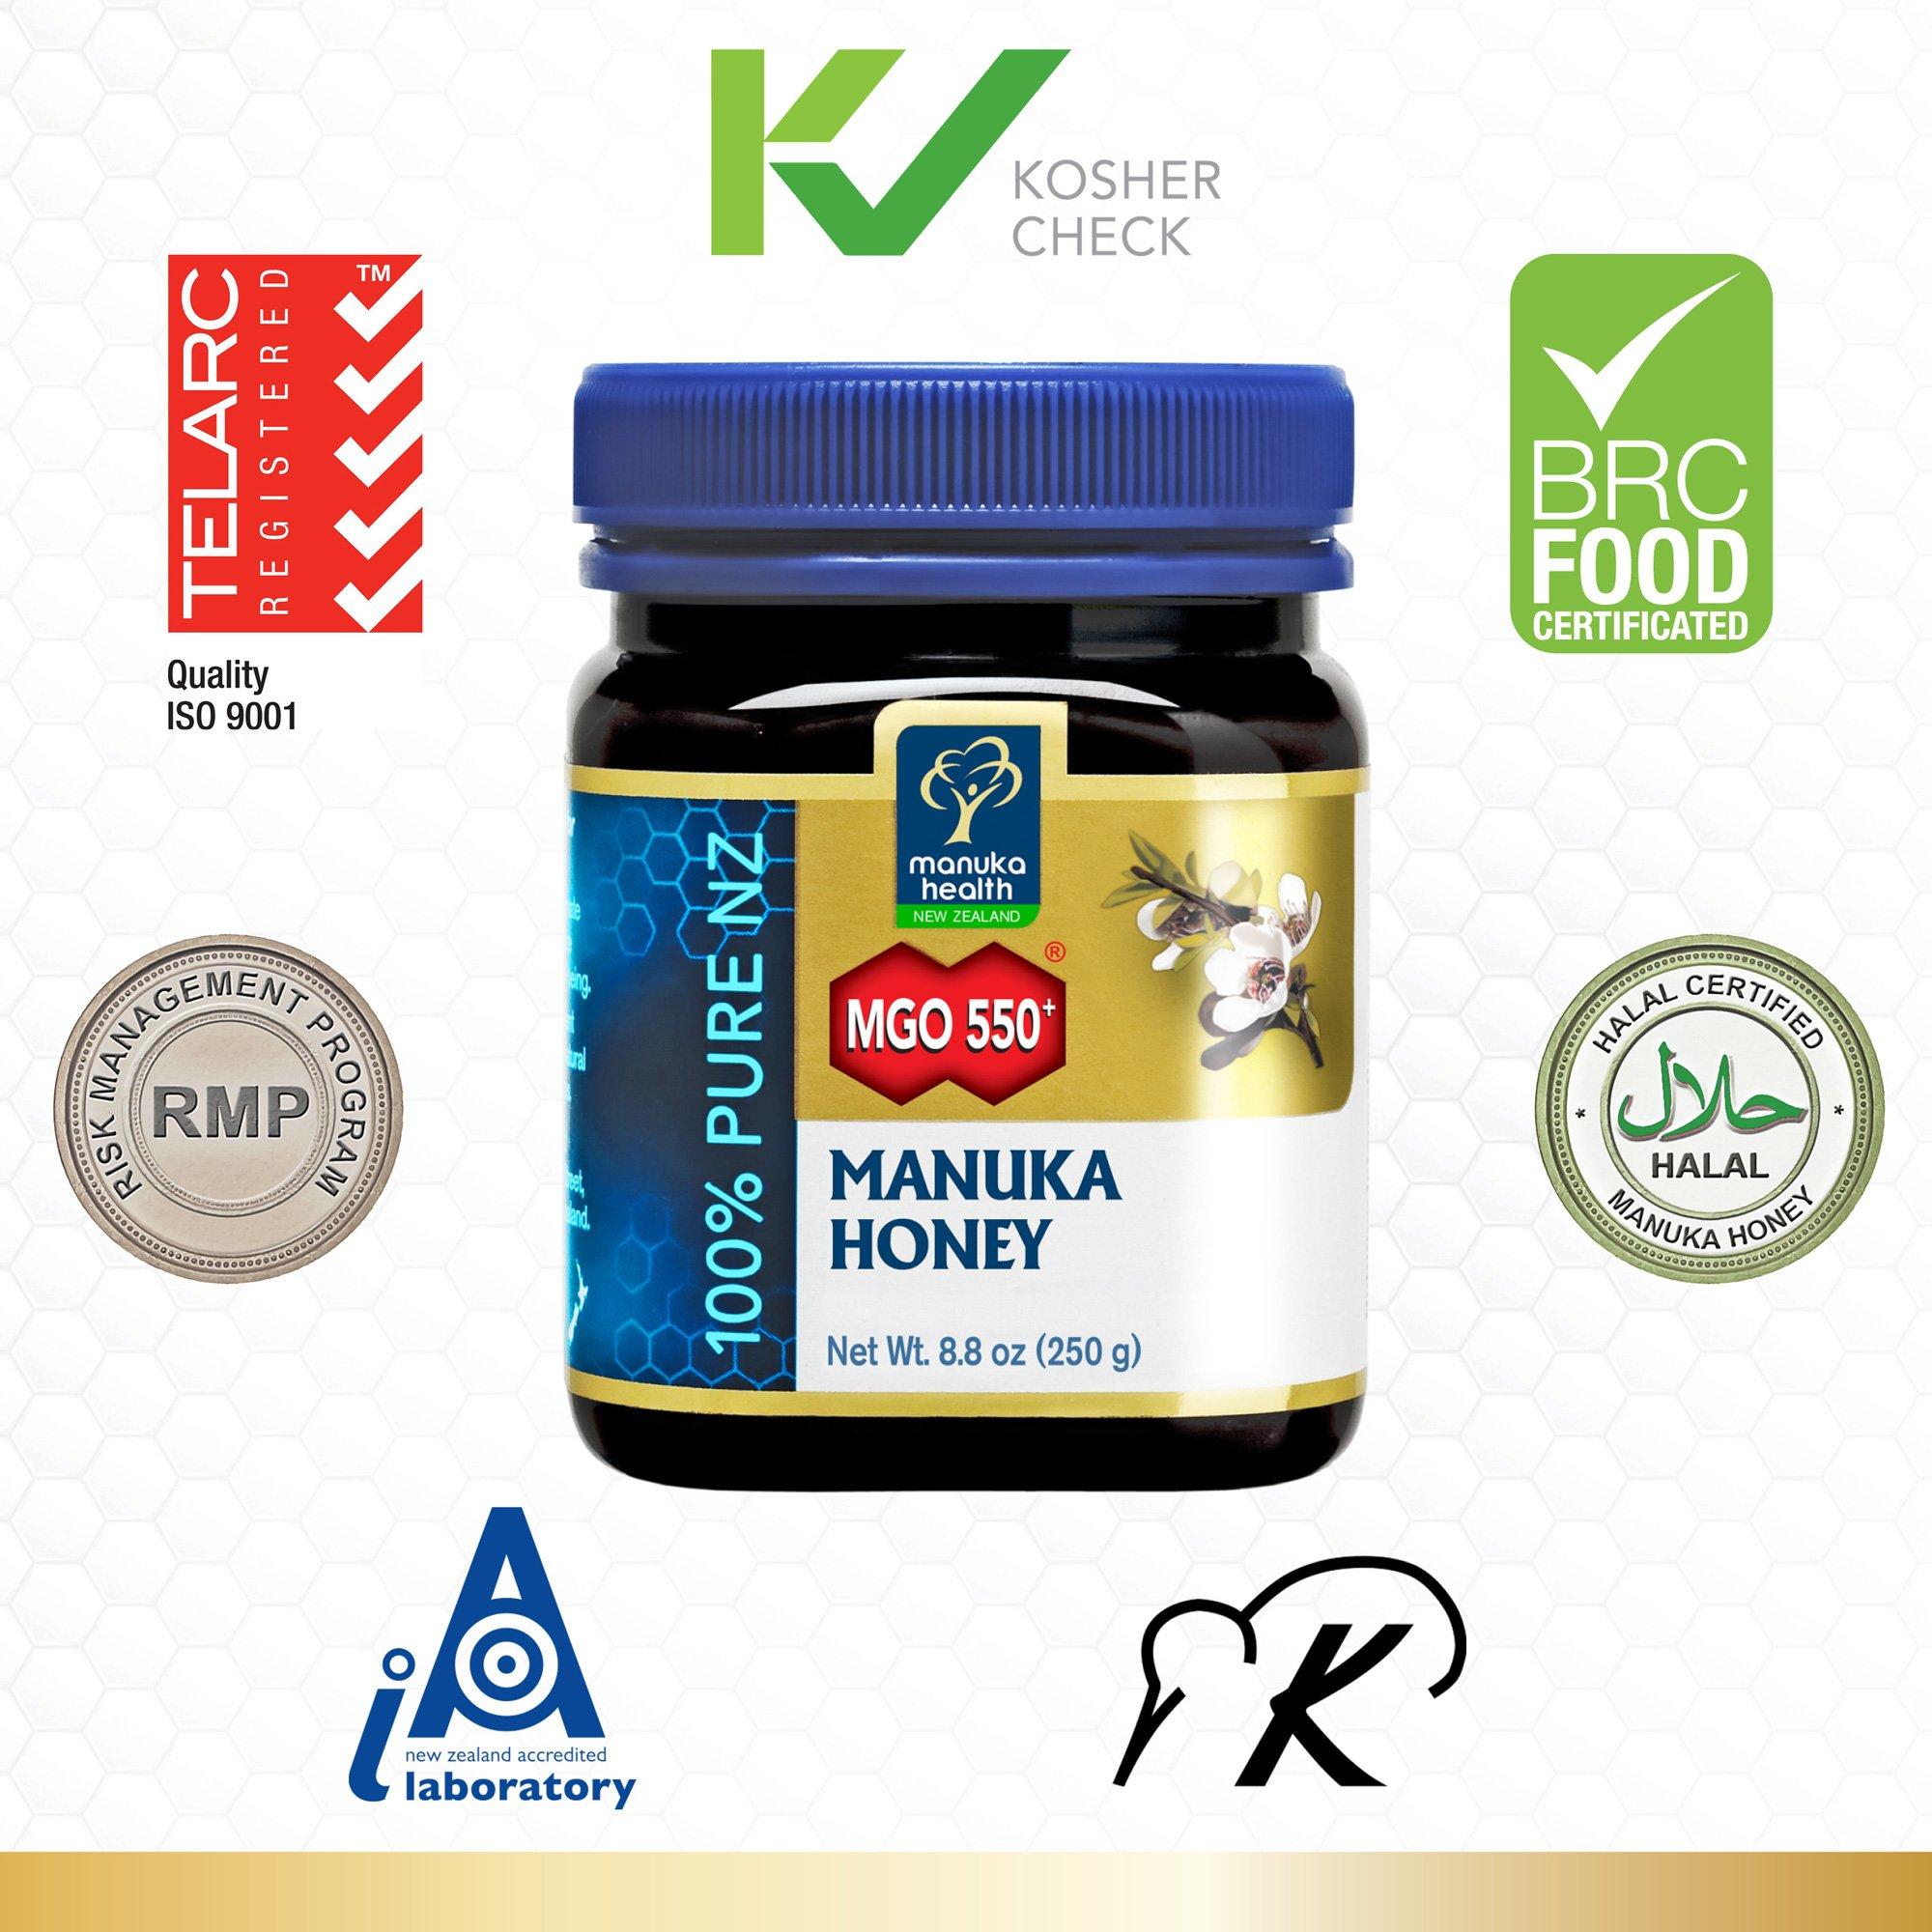 MANUKA HEALTH - MGO 550+ Manuka Honey, 100% Pure New Zealand Honey, 8.8 oz (250 g) (FFP) by Manuka Health (Image #9)